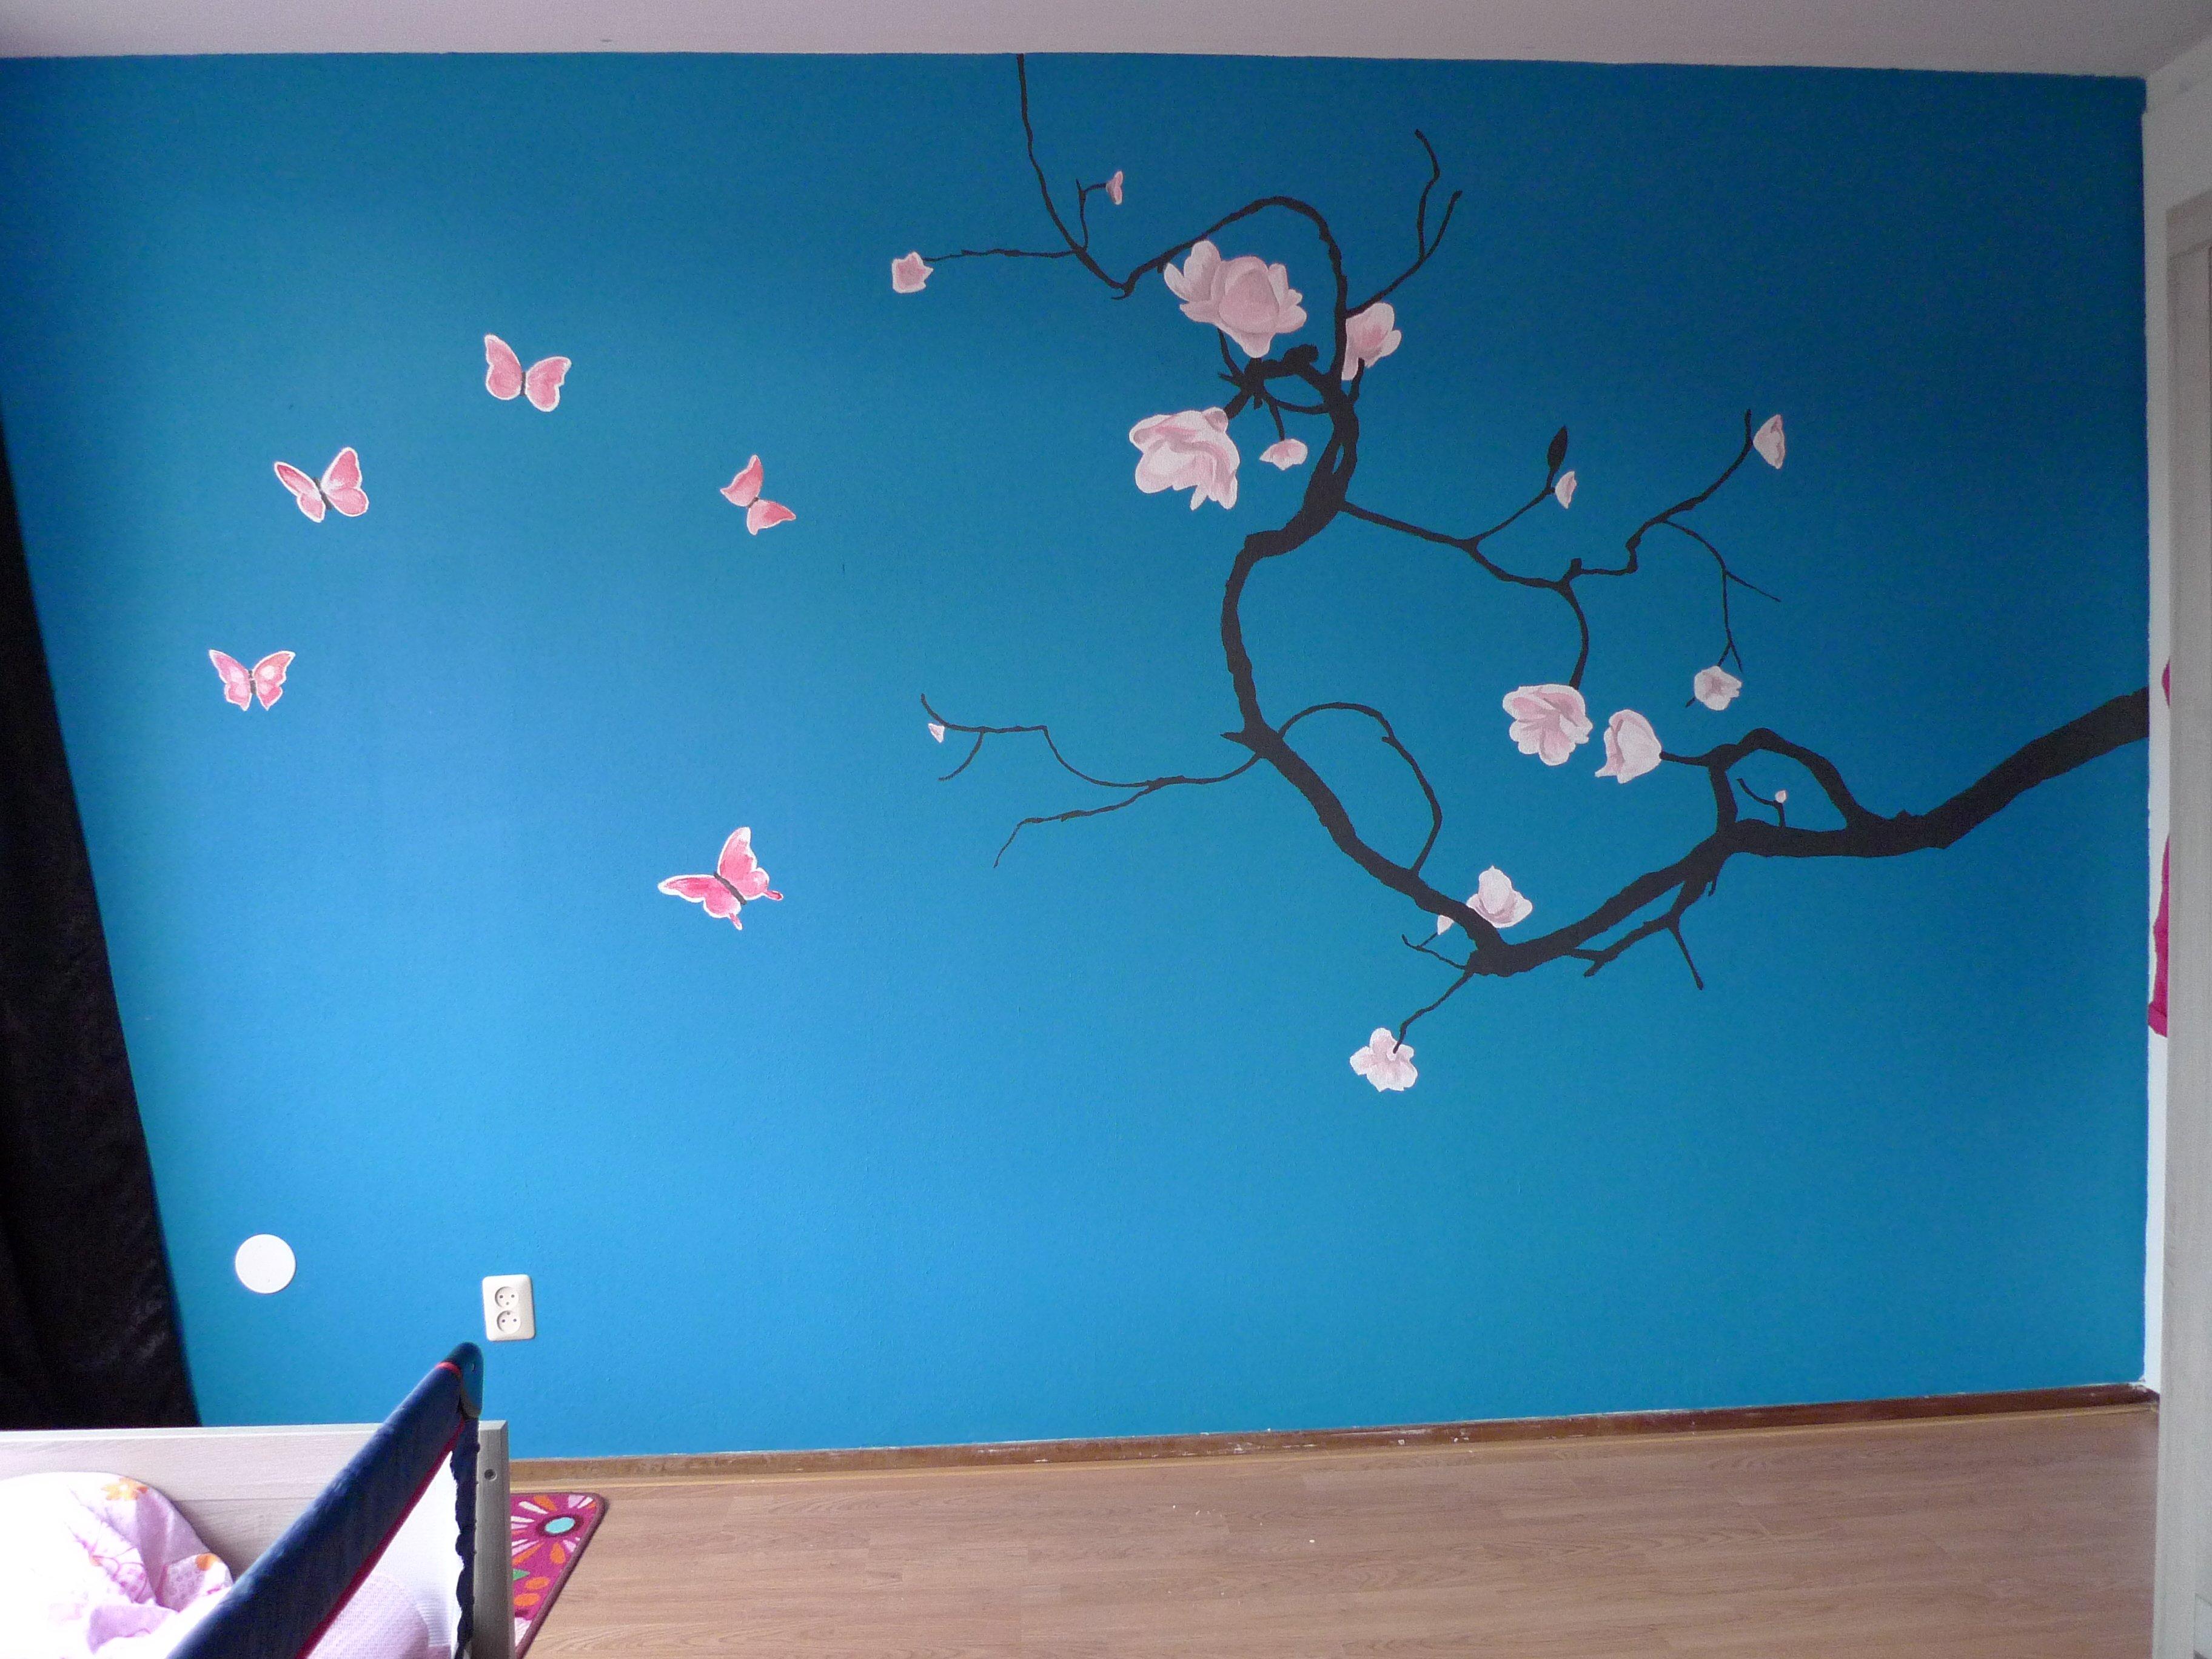 Muurschilderingen Voor Slaapkamer : Muurschildering disney archieven saskia de wit muurschilderingen